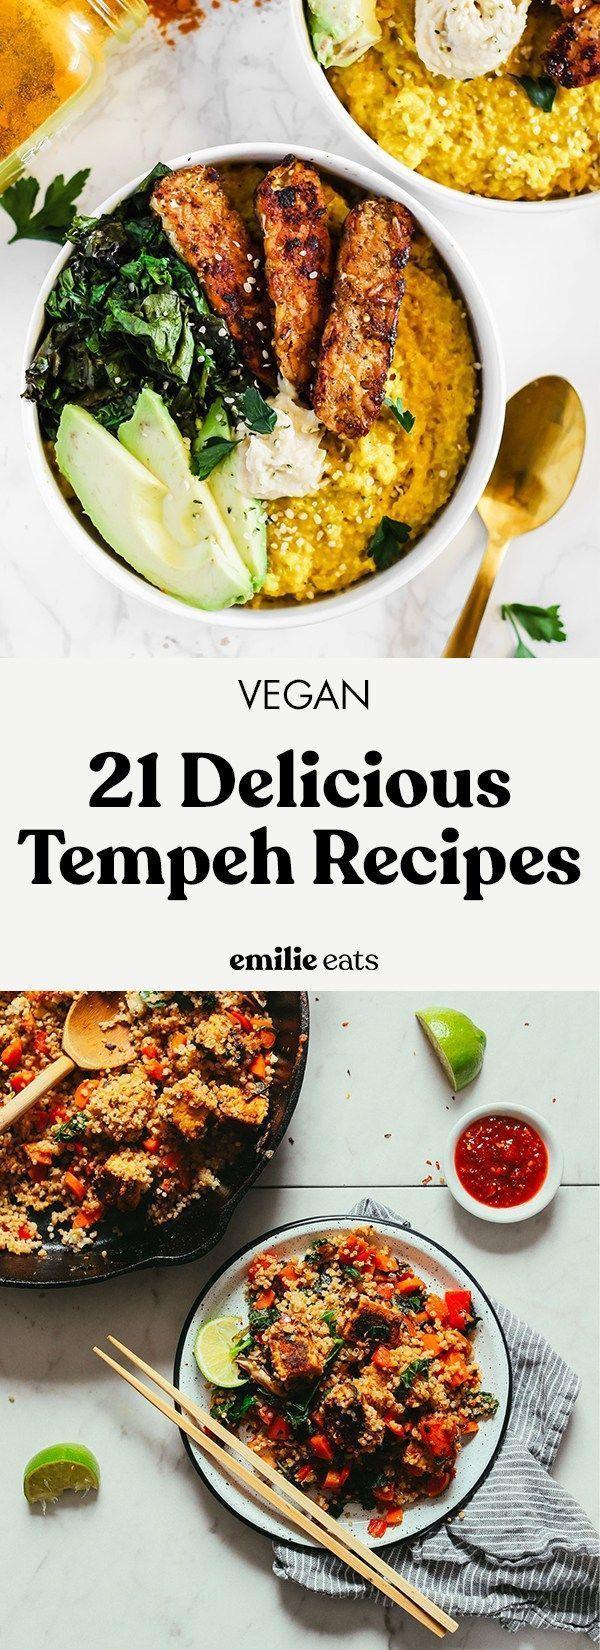 Hast du jemals Tempeh probiert? Probieren Sie einige dieser 21 köstlichen veganen Tempeh-Rezepte …   – Vegan